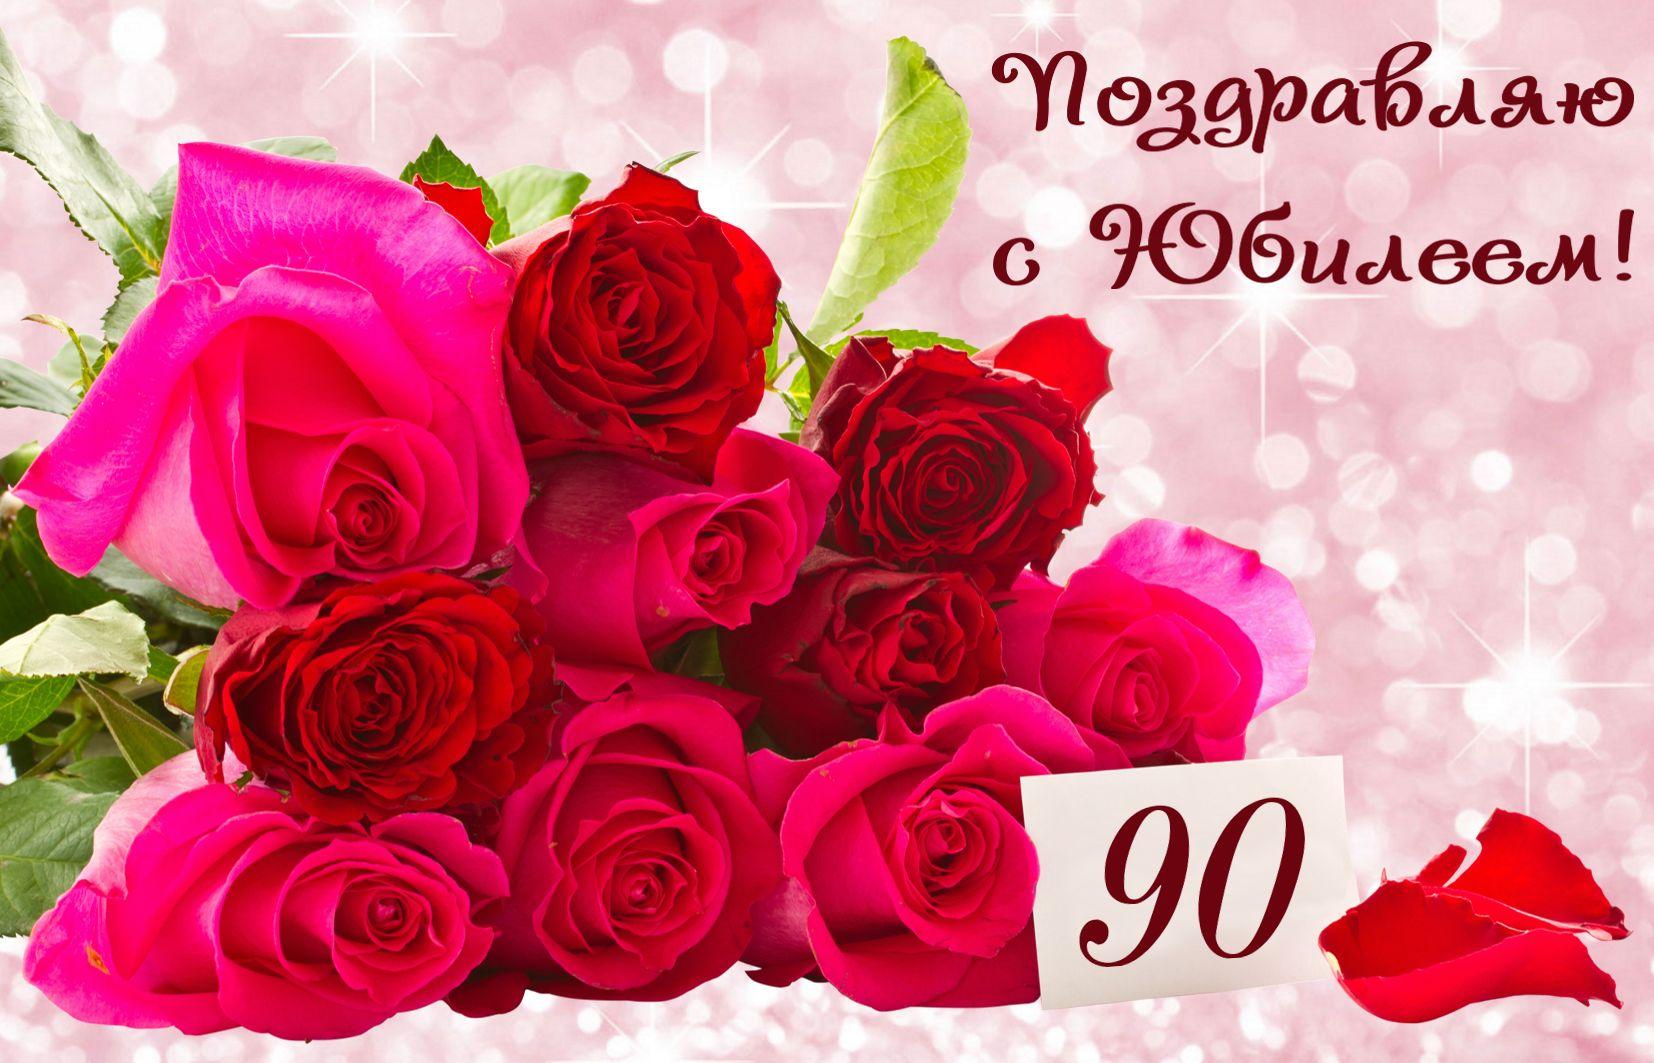 Поздравление и букет роз на 90 День рождения